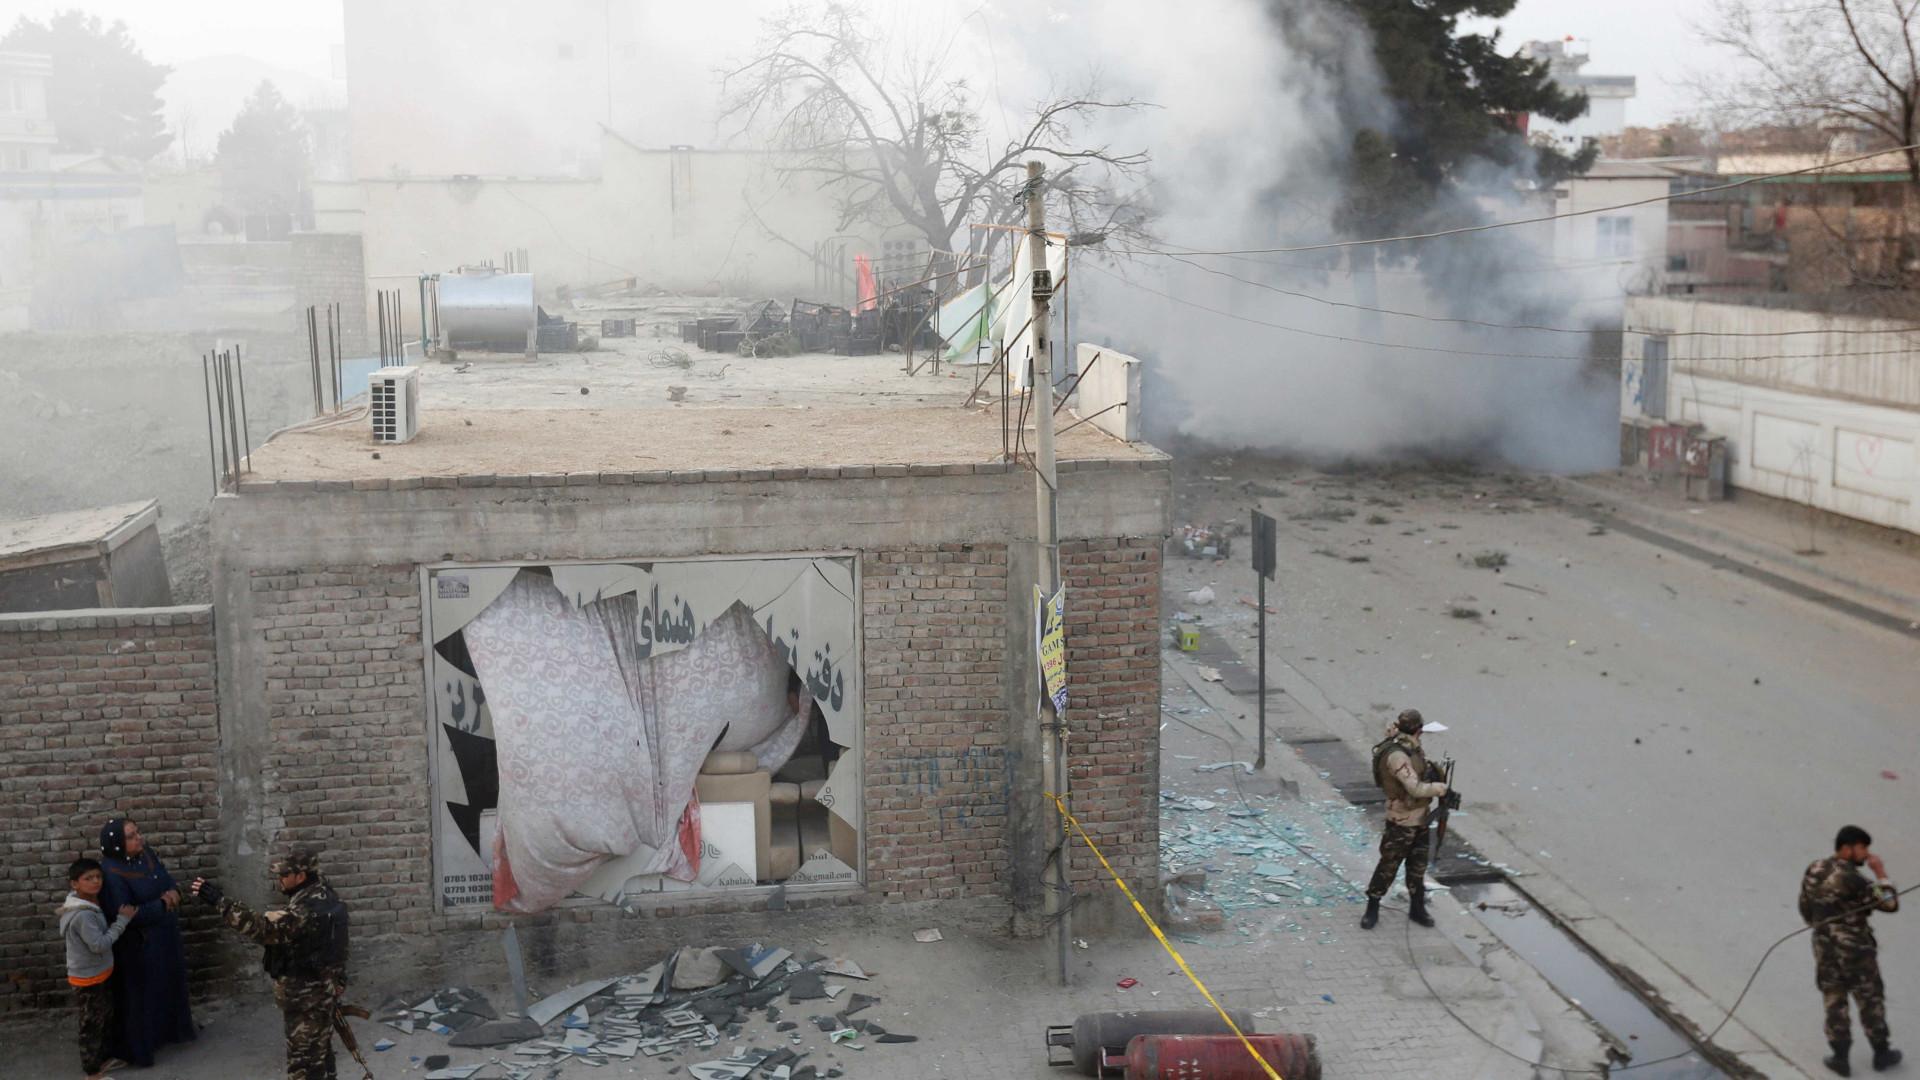 Ataque a um posto de controlo matou dez pessoas no Afeganistão